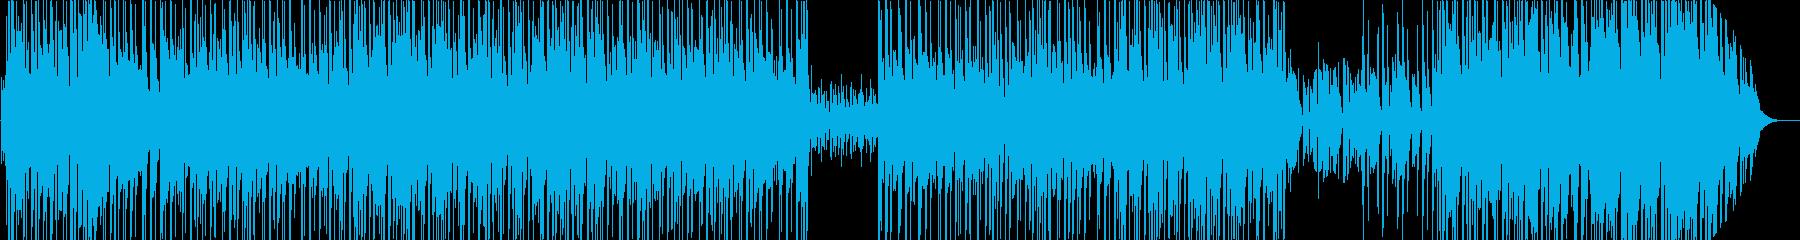 懐かしくて熱気のあるディスコスタイルの音の再生済みの波形